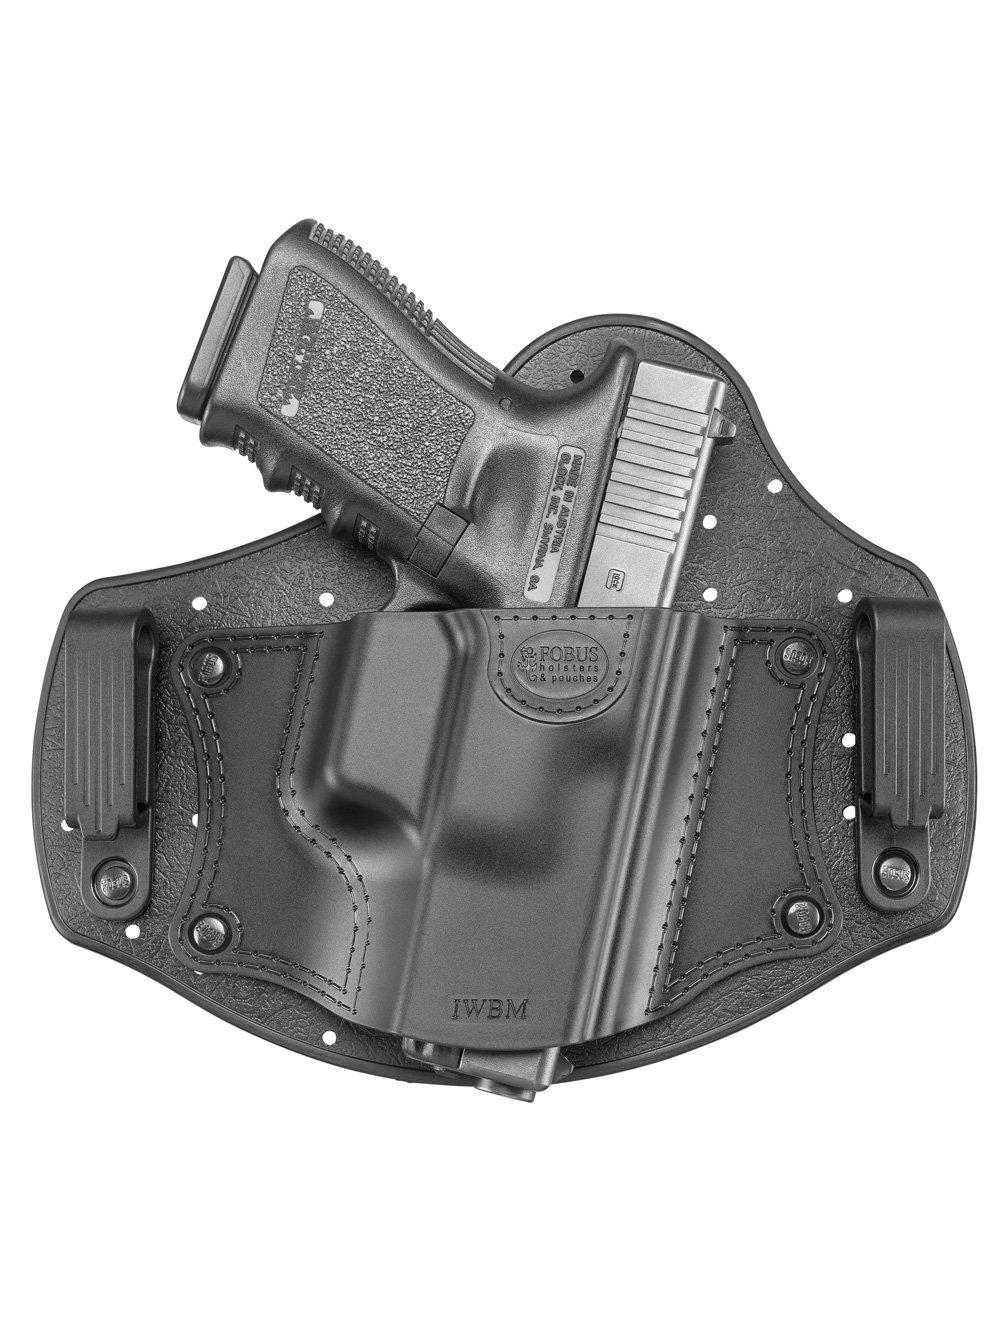 Fobus IWBM - Cartuchera para mano derecha IWB banda de interior de la cadera, mecanismo de funda de retención pasiva para Glock 17,19,26,27,28,33/Beretta PX4Compact/Sig Sauer P320, P228/Walther PPQ, P99/Smith & Wesson M & P Shield, M & P Compa